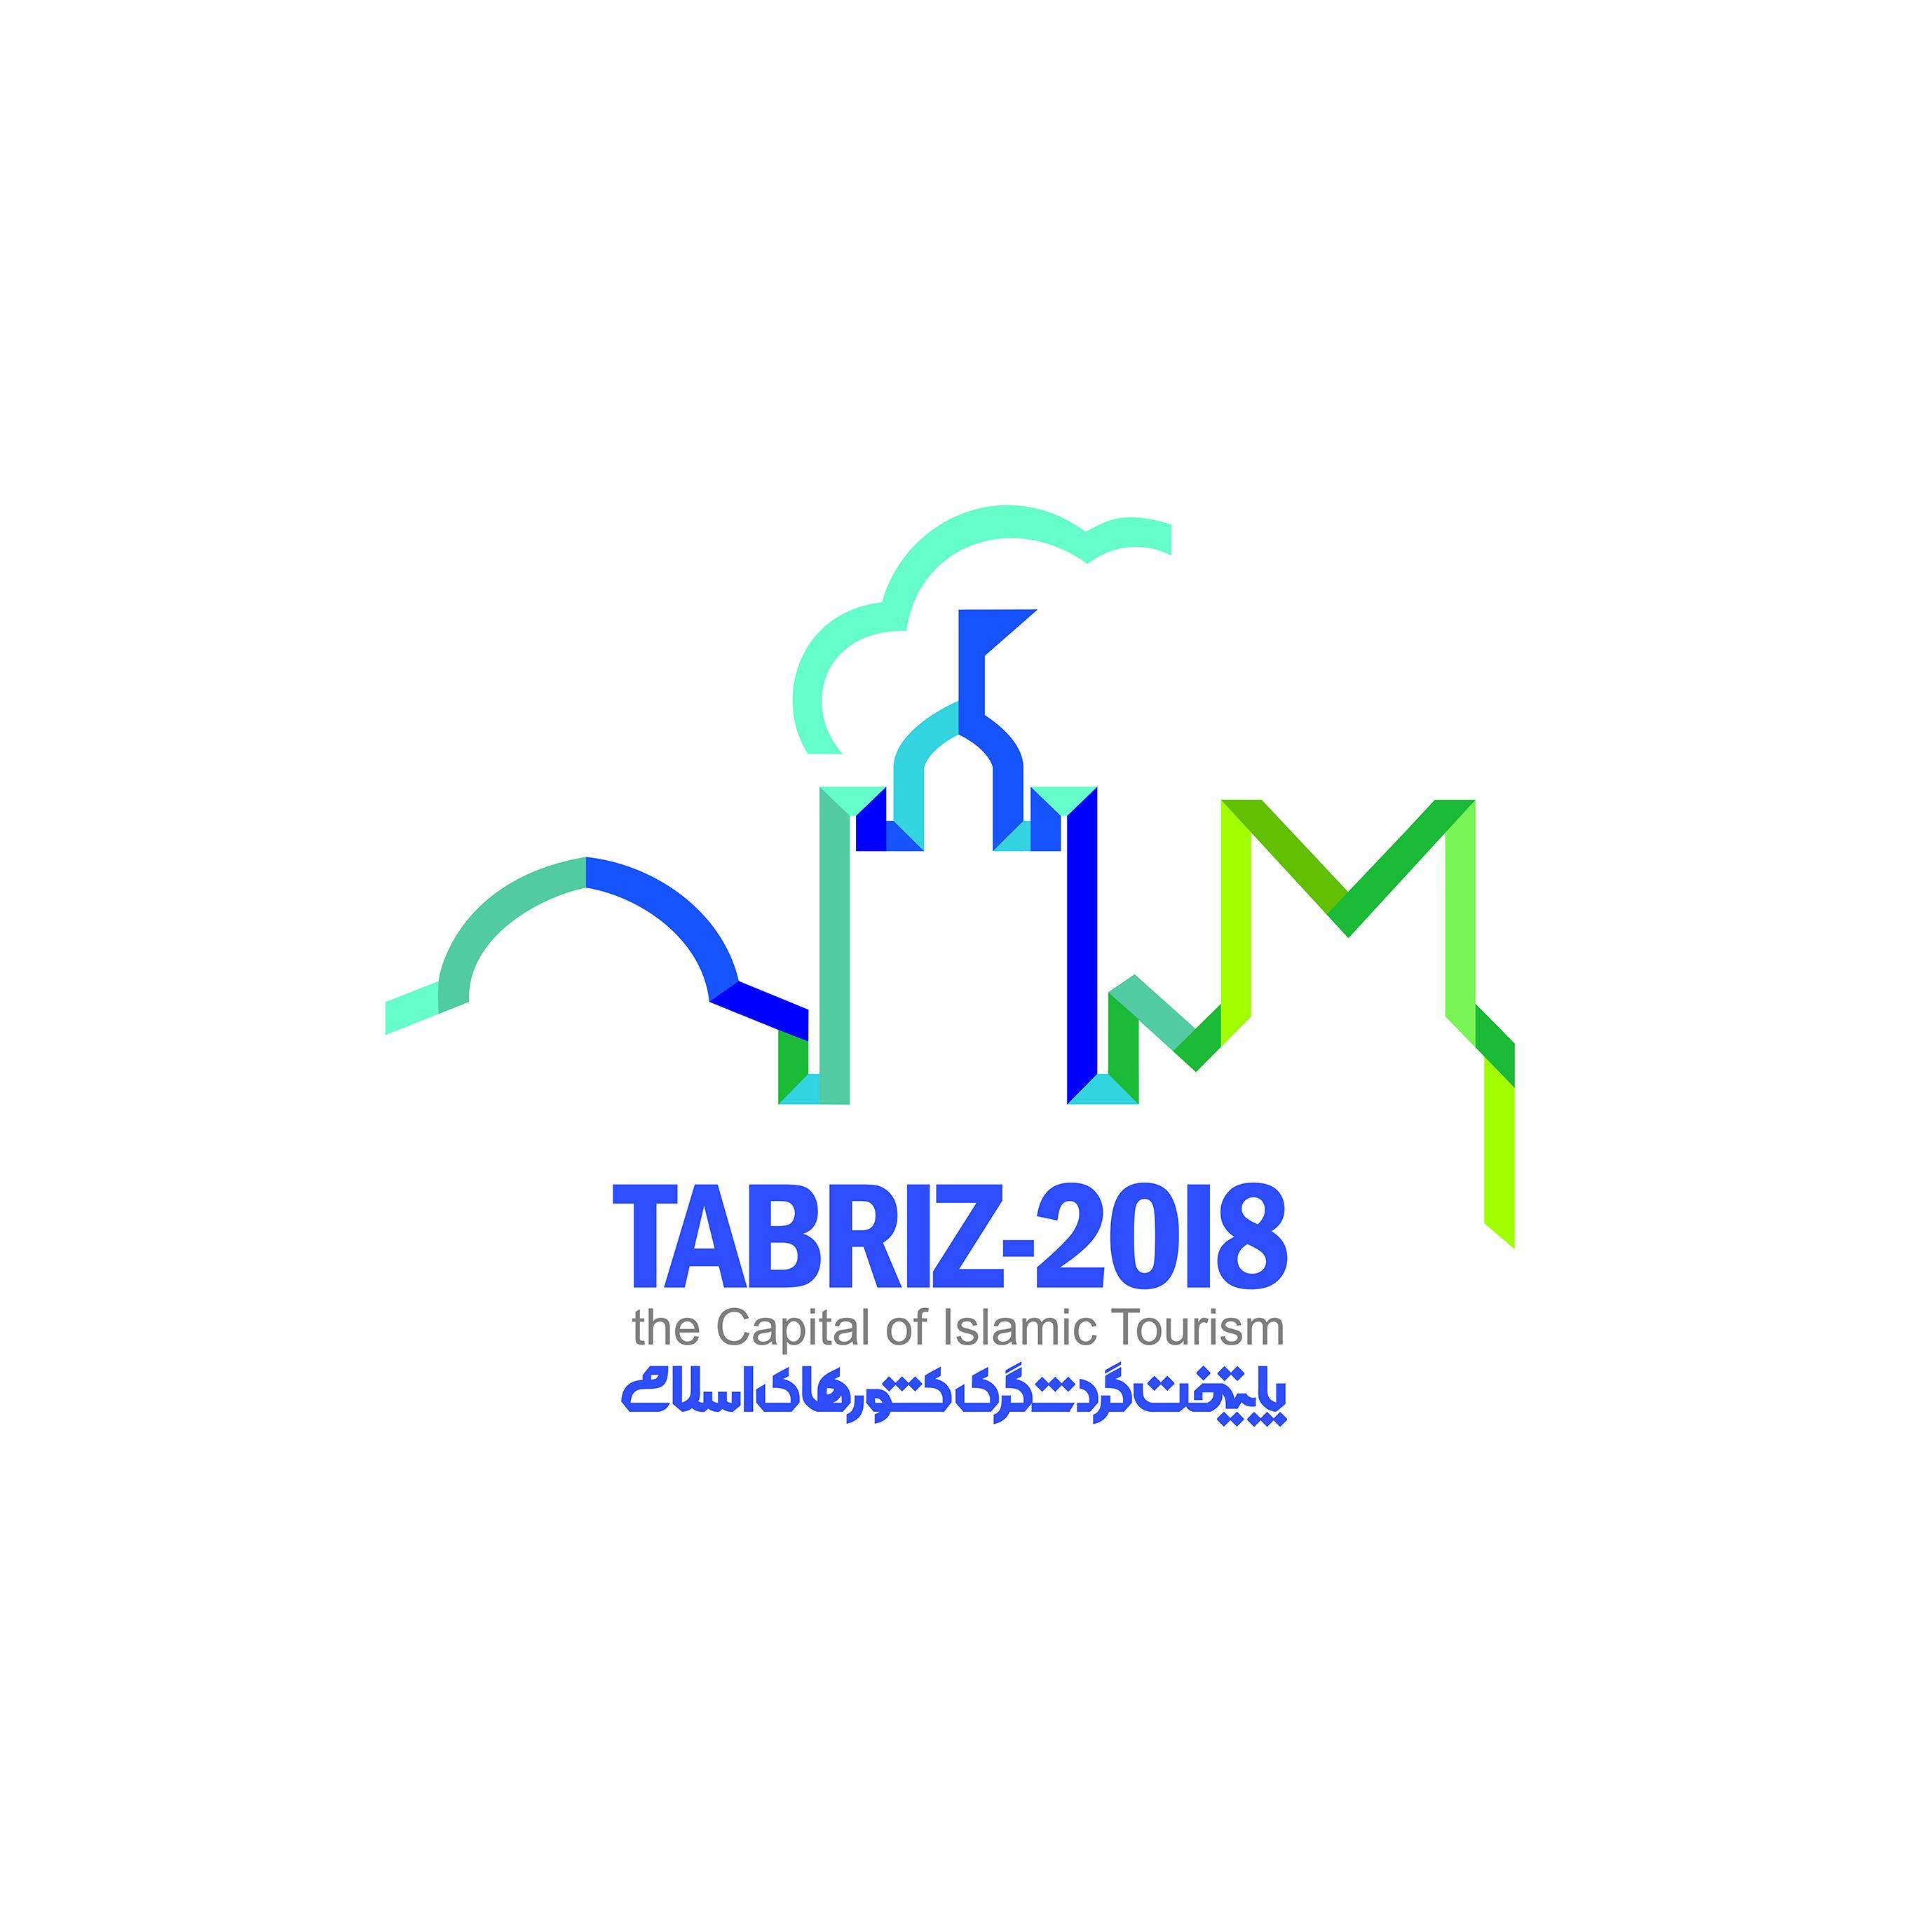 Tabriz-2018